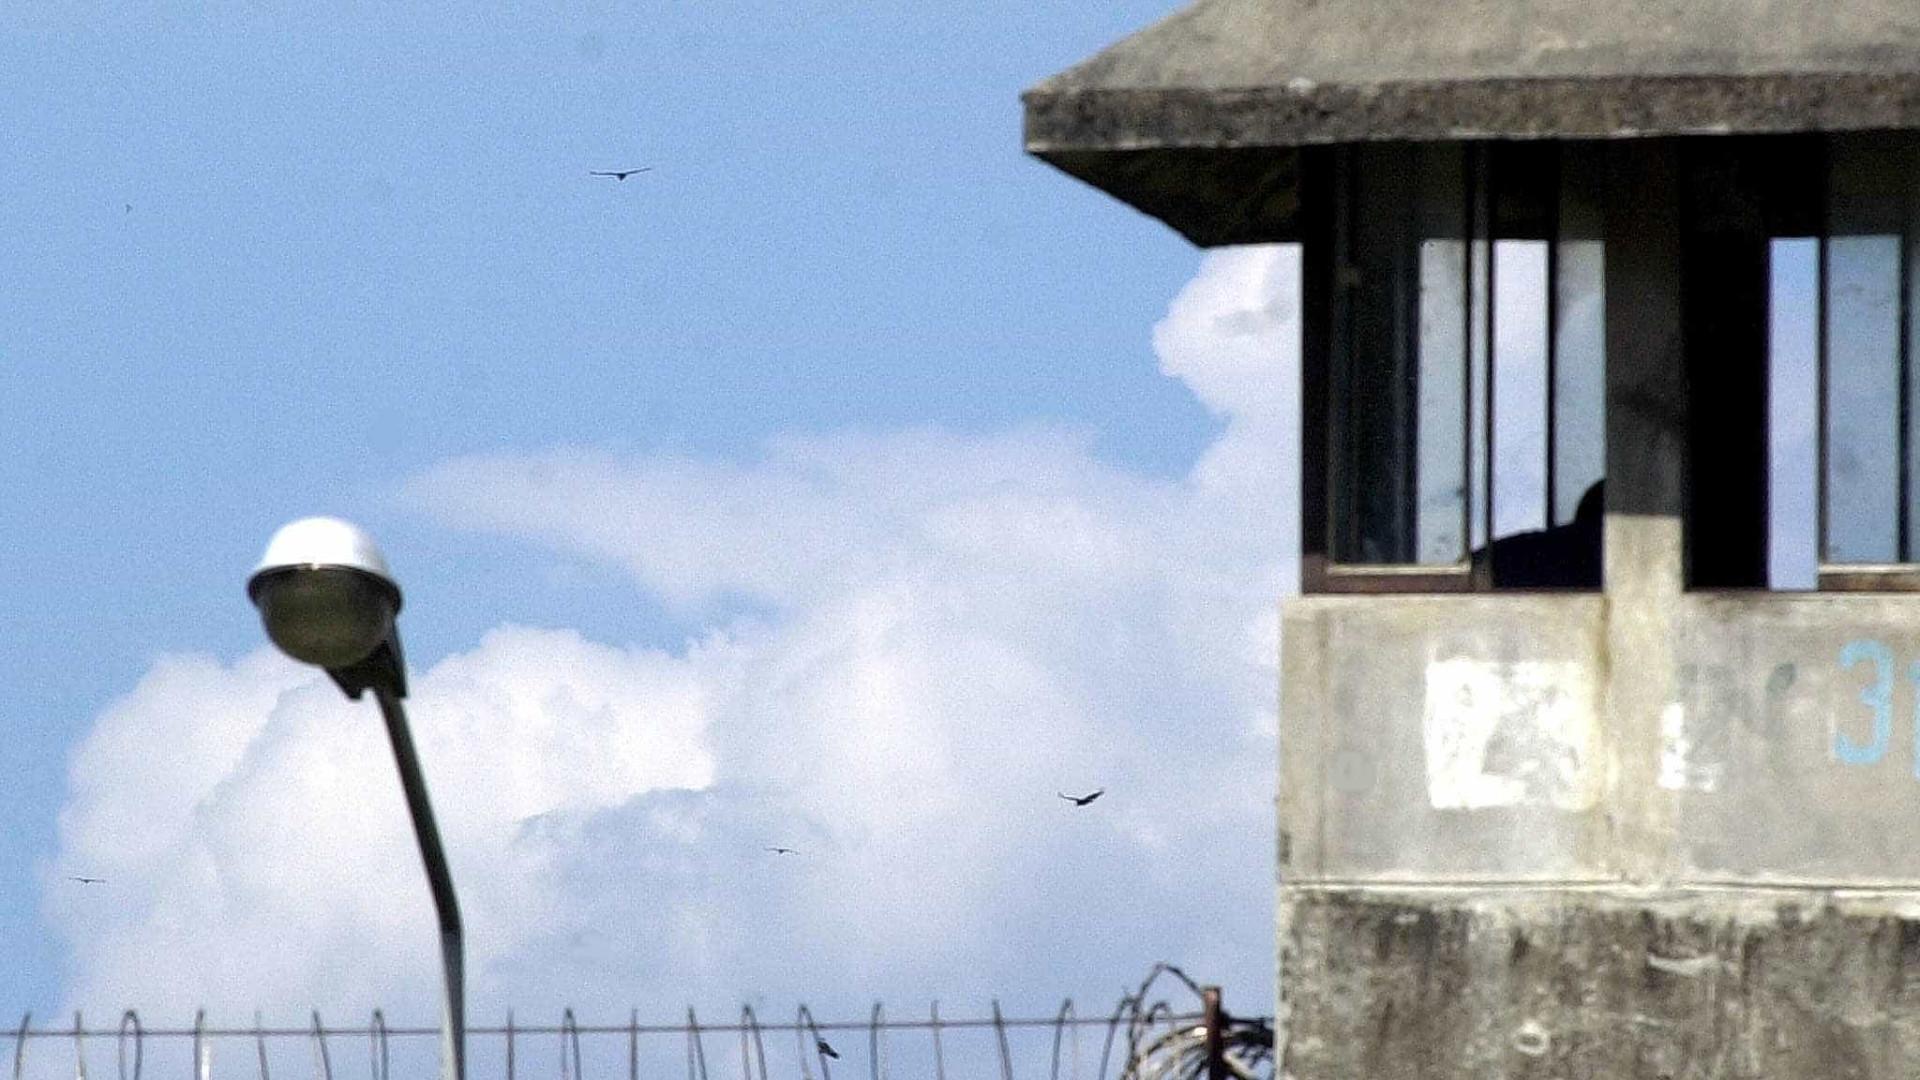 Corregedoria conclui que três mulheres participaram de orgia em prisão